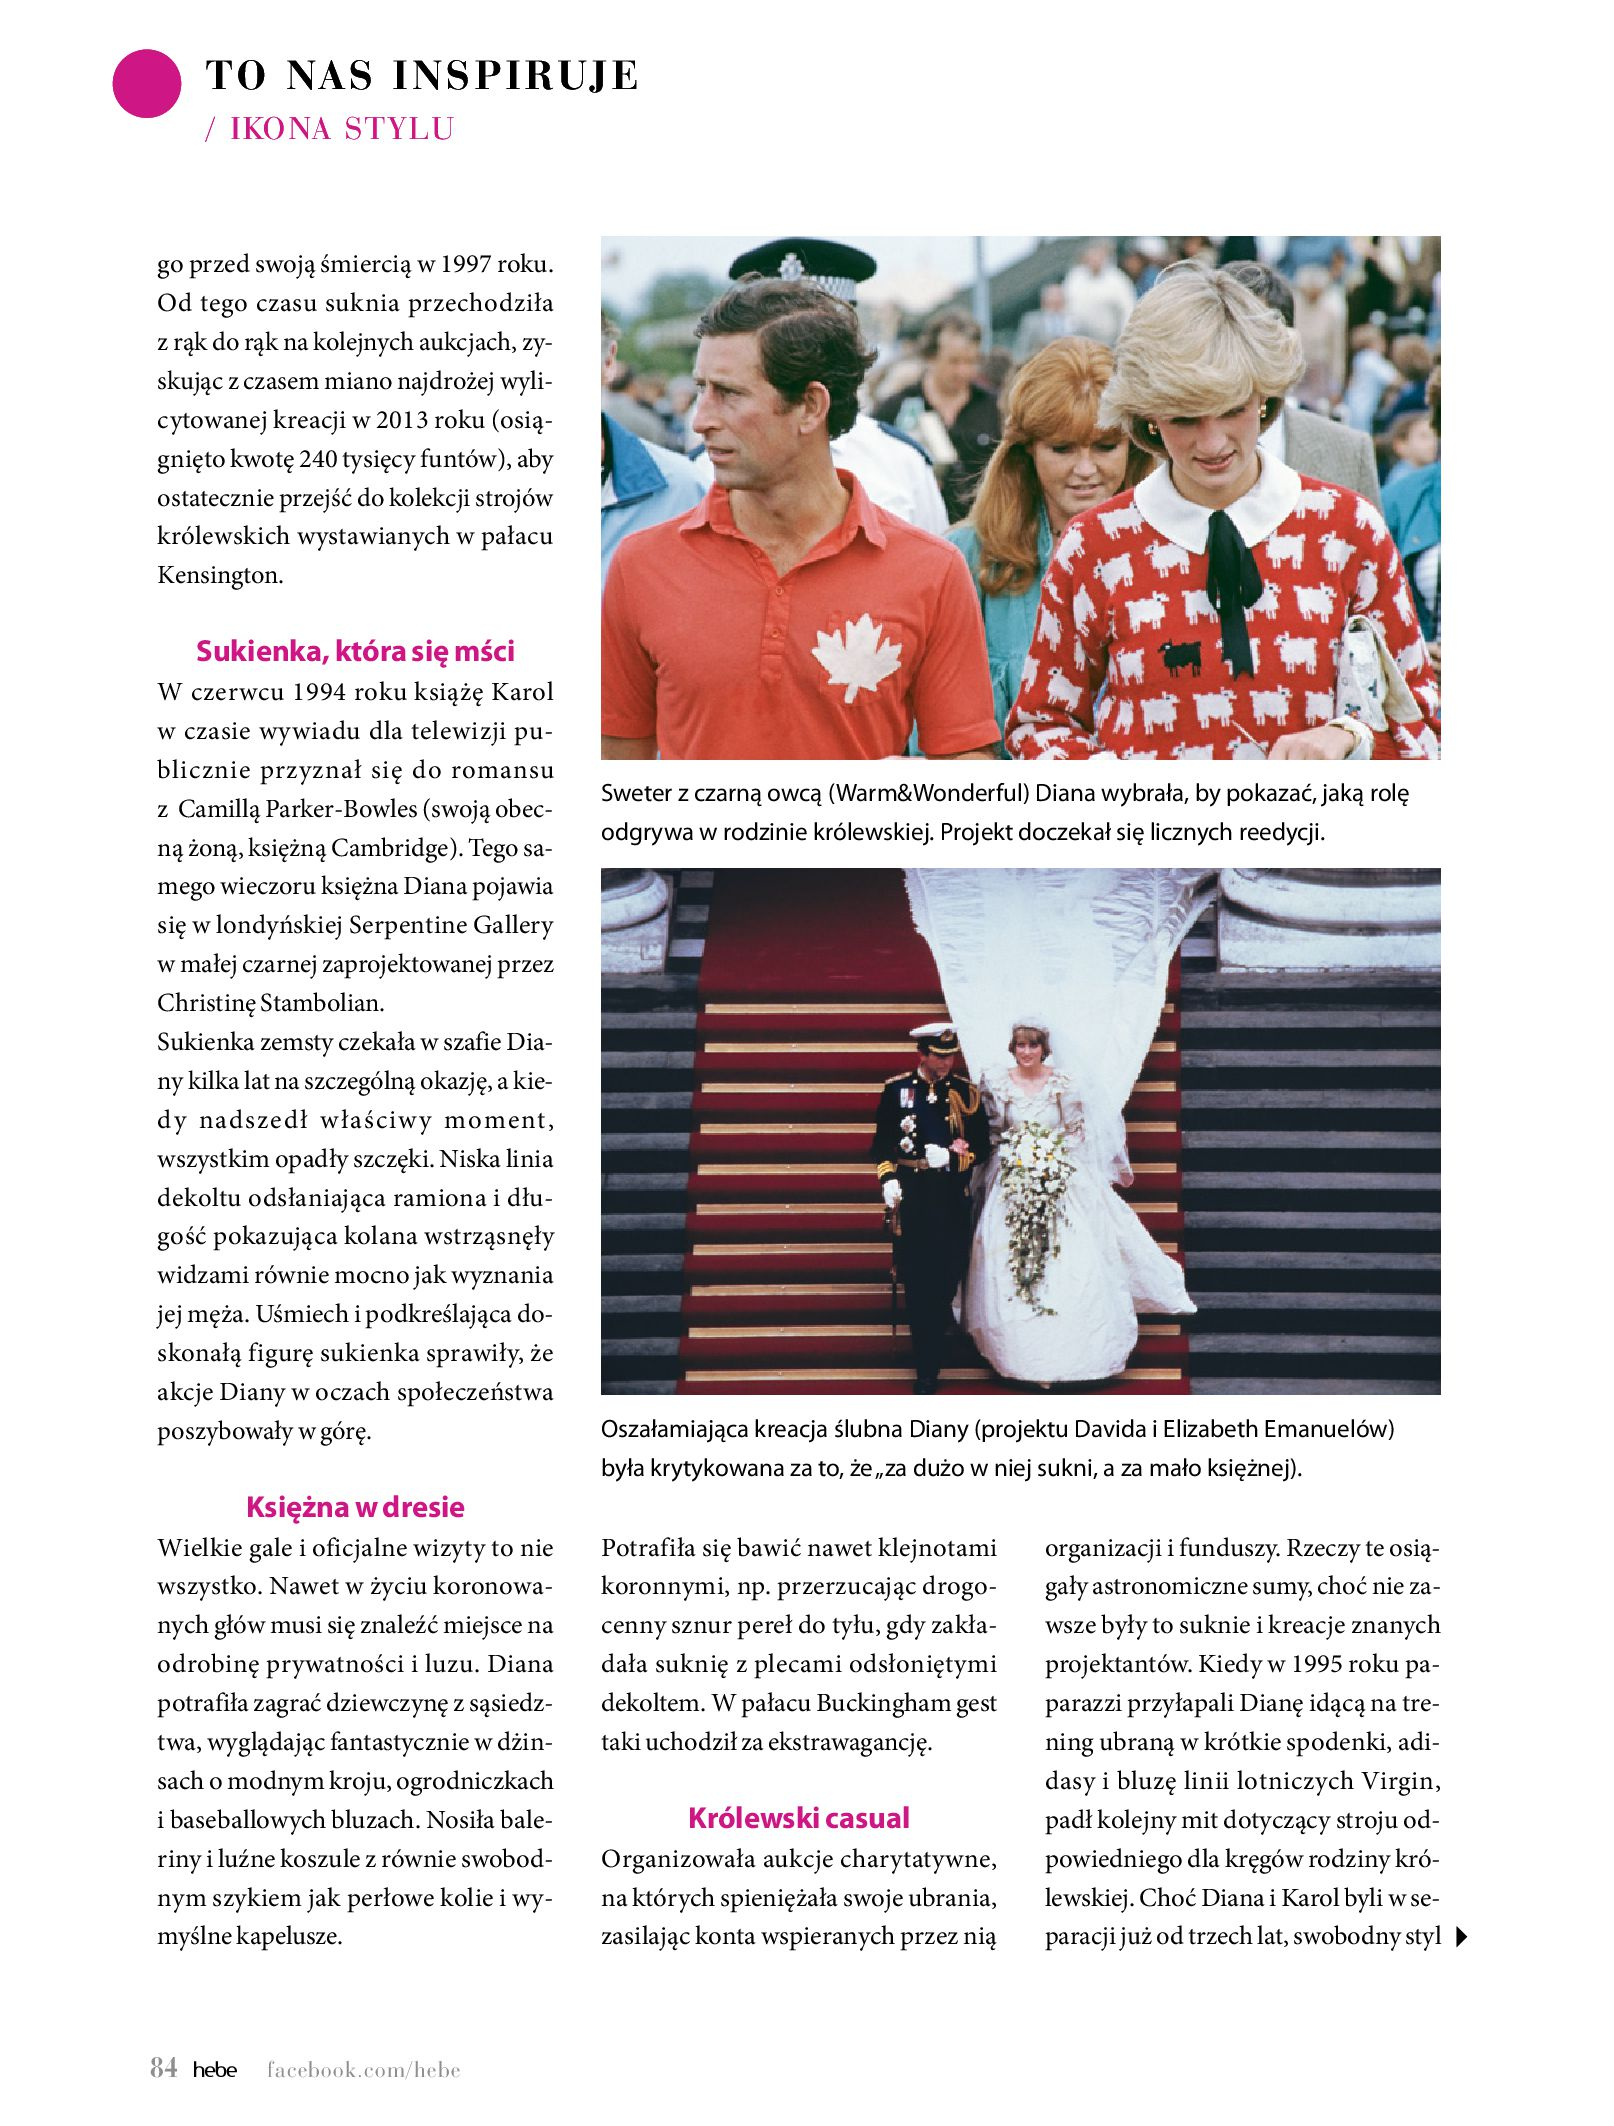 Gazetka hebe: Magazyn hebe 2021-03-11 page-84